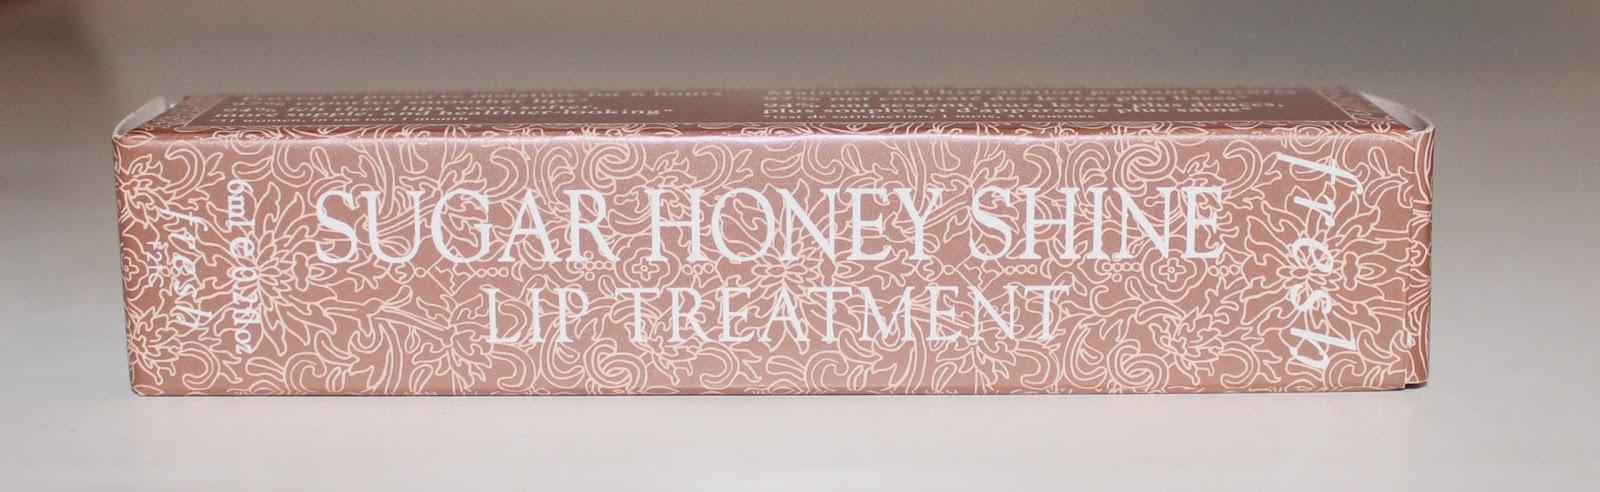 Fresh Sugar Honey Shine Lip Treatment